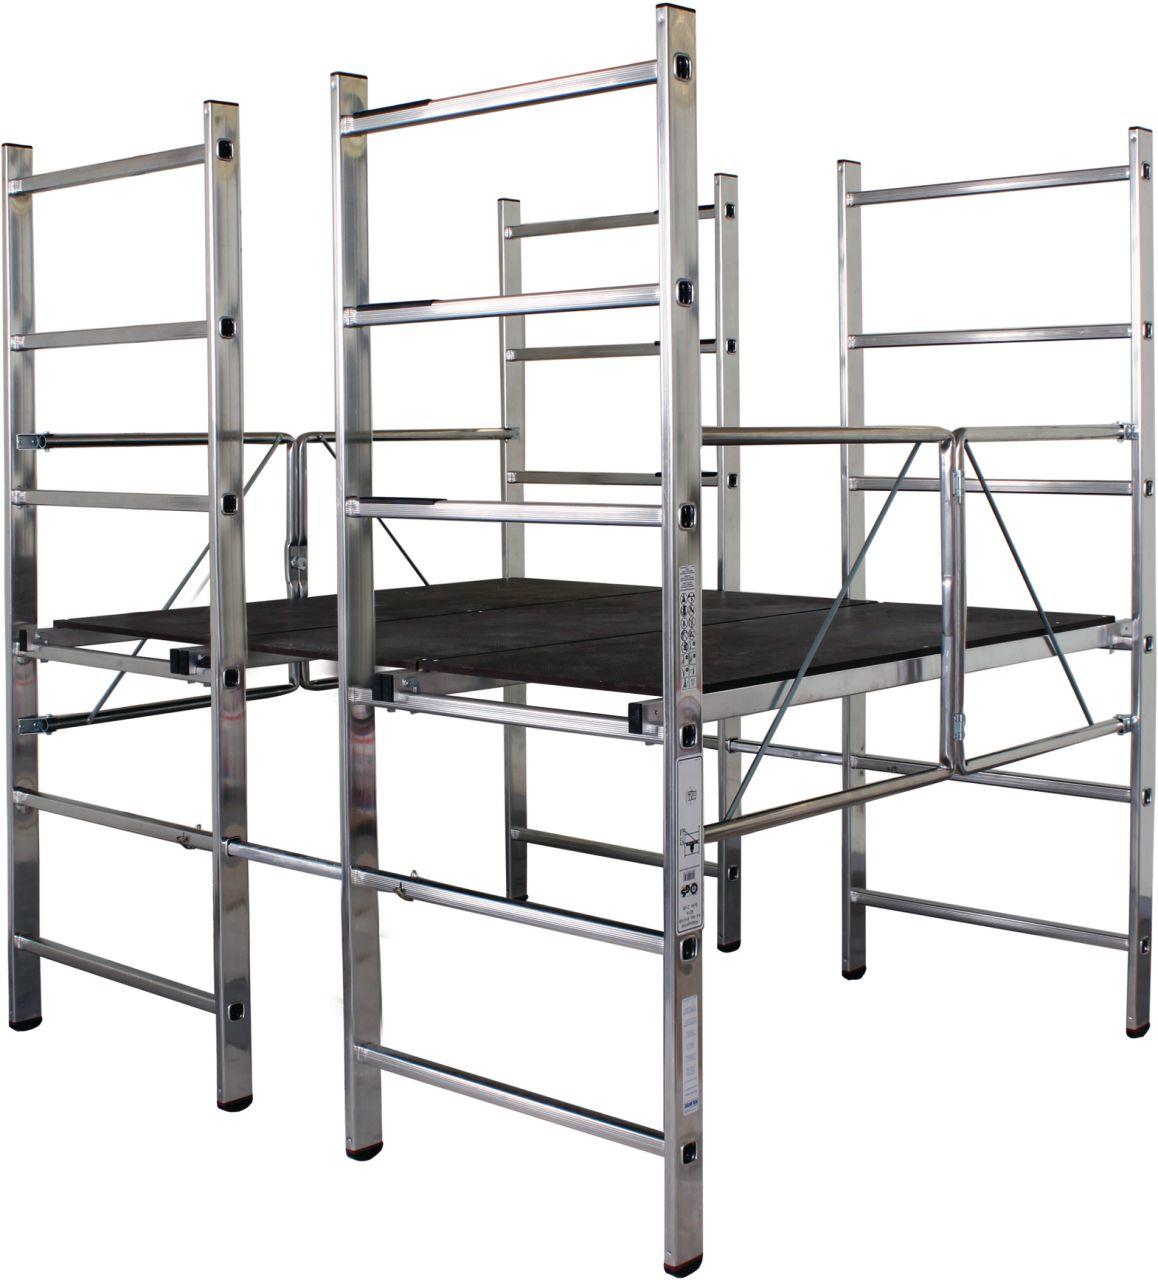 Rusztowanie składane podwójne - kompaktowe rusztowanie składane podwójne o maksymalnej wysokości roboczej ok. 2,80 m